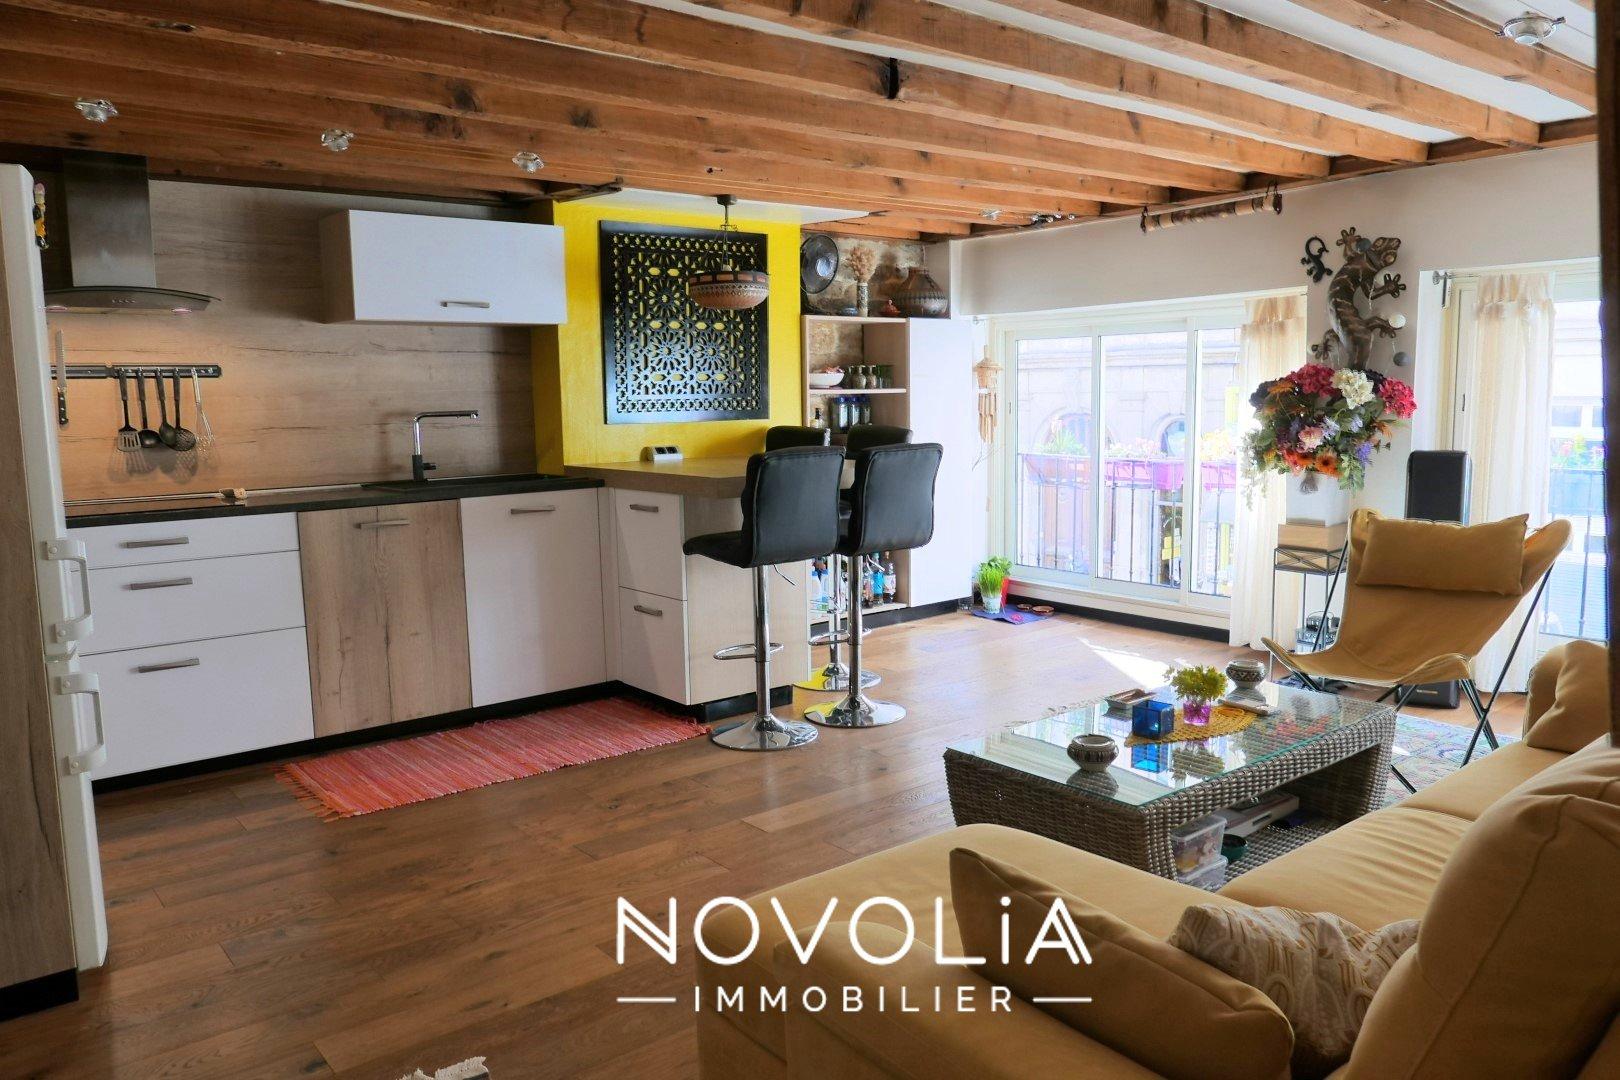 Achat Appartement Surface de 54.27 m²/ Total carrez : 54.27 m², 3 pièces, Lyon 7ème (69007)